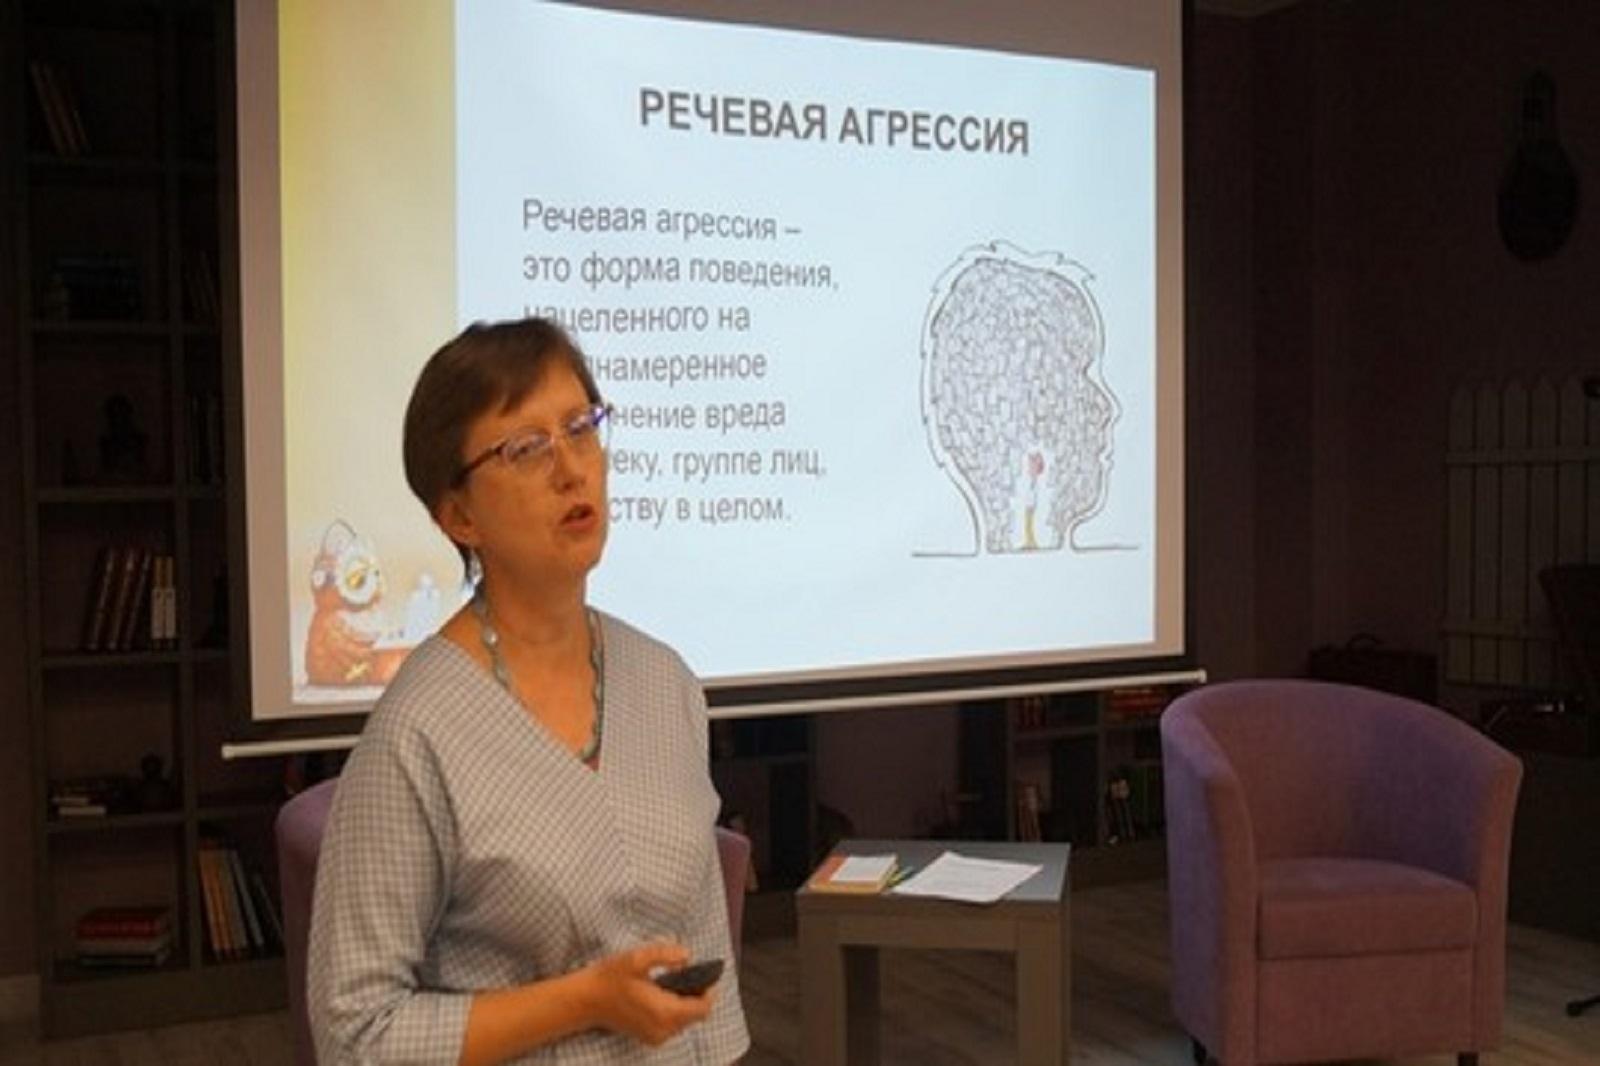 """乌拉尔联邦大学的教育项目 """"高尔基俱乐部 """"现已经启动插图-小狮座俄罗斯留学"""